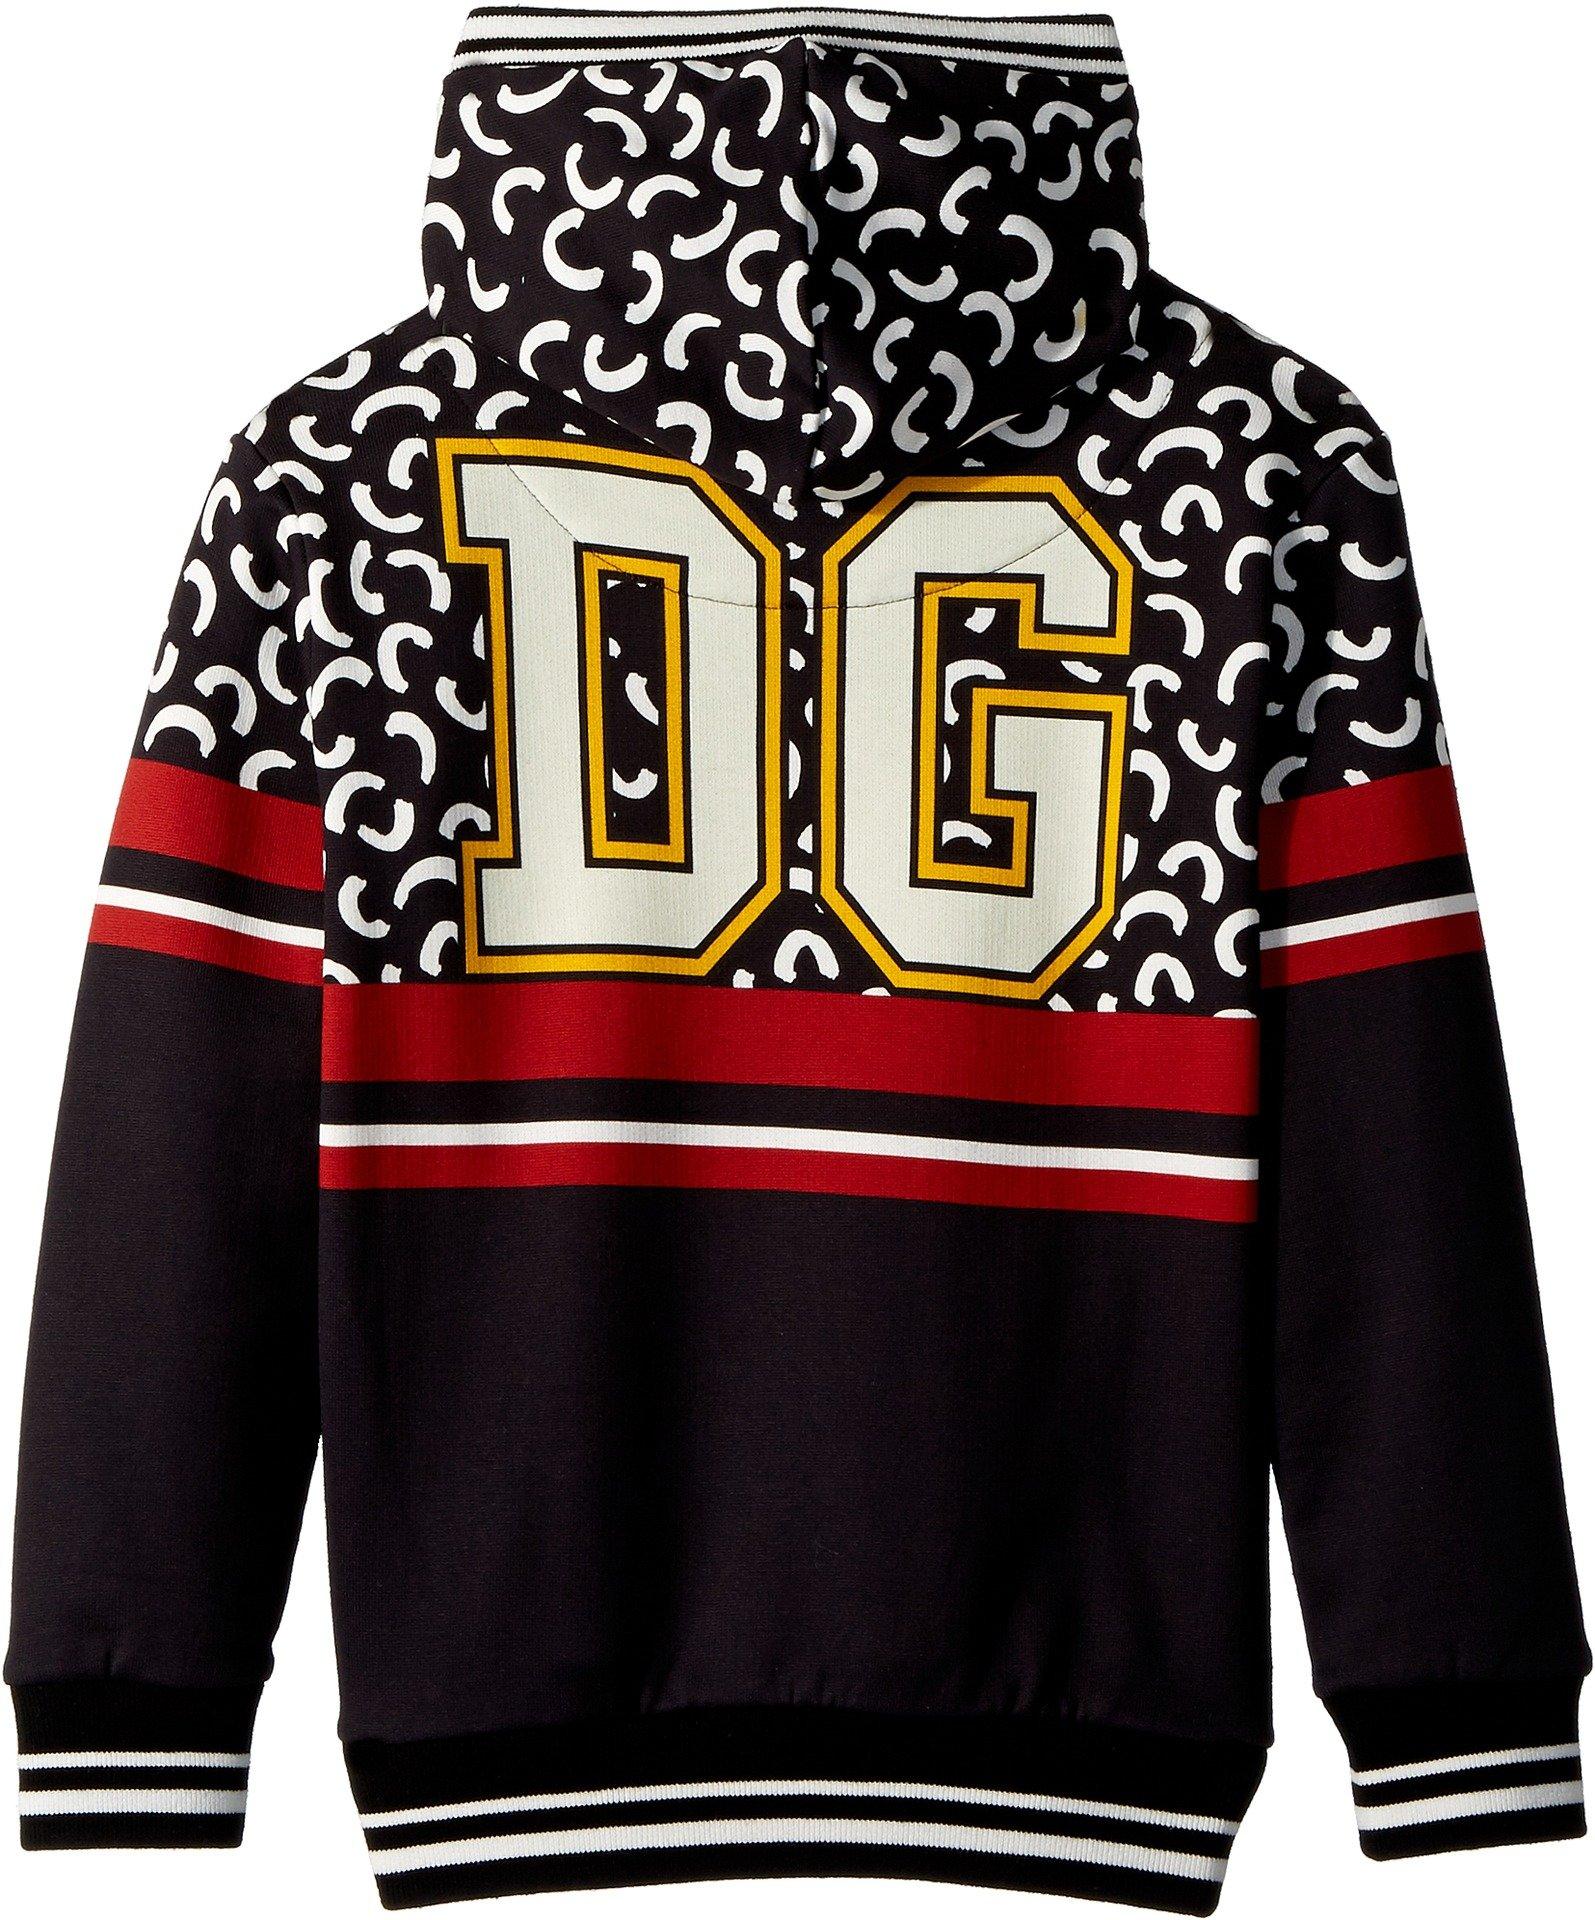 Dolce & Gabbana Kids Boy's King Of hearts Hooded Sweatshirt (Little Kids) Black 5 by Dolce & Gabbana (Image #2)